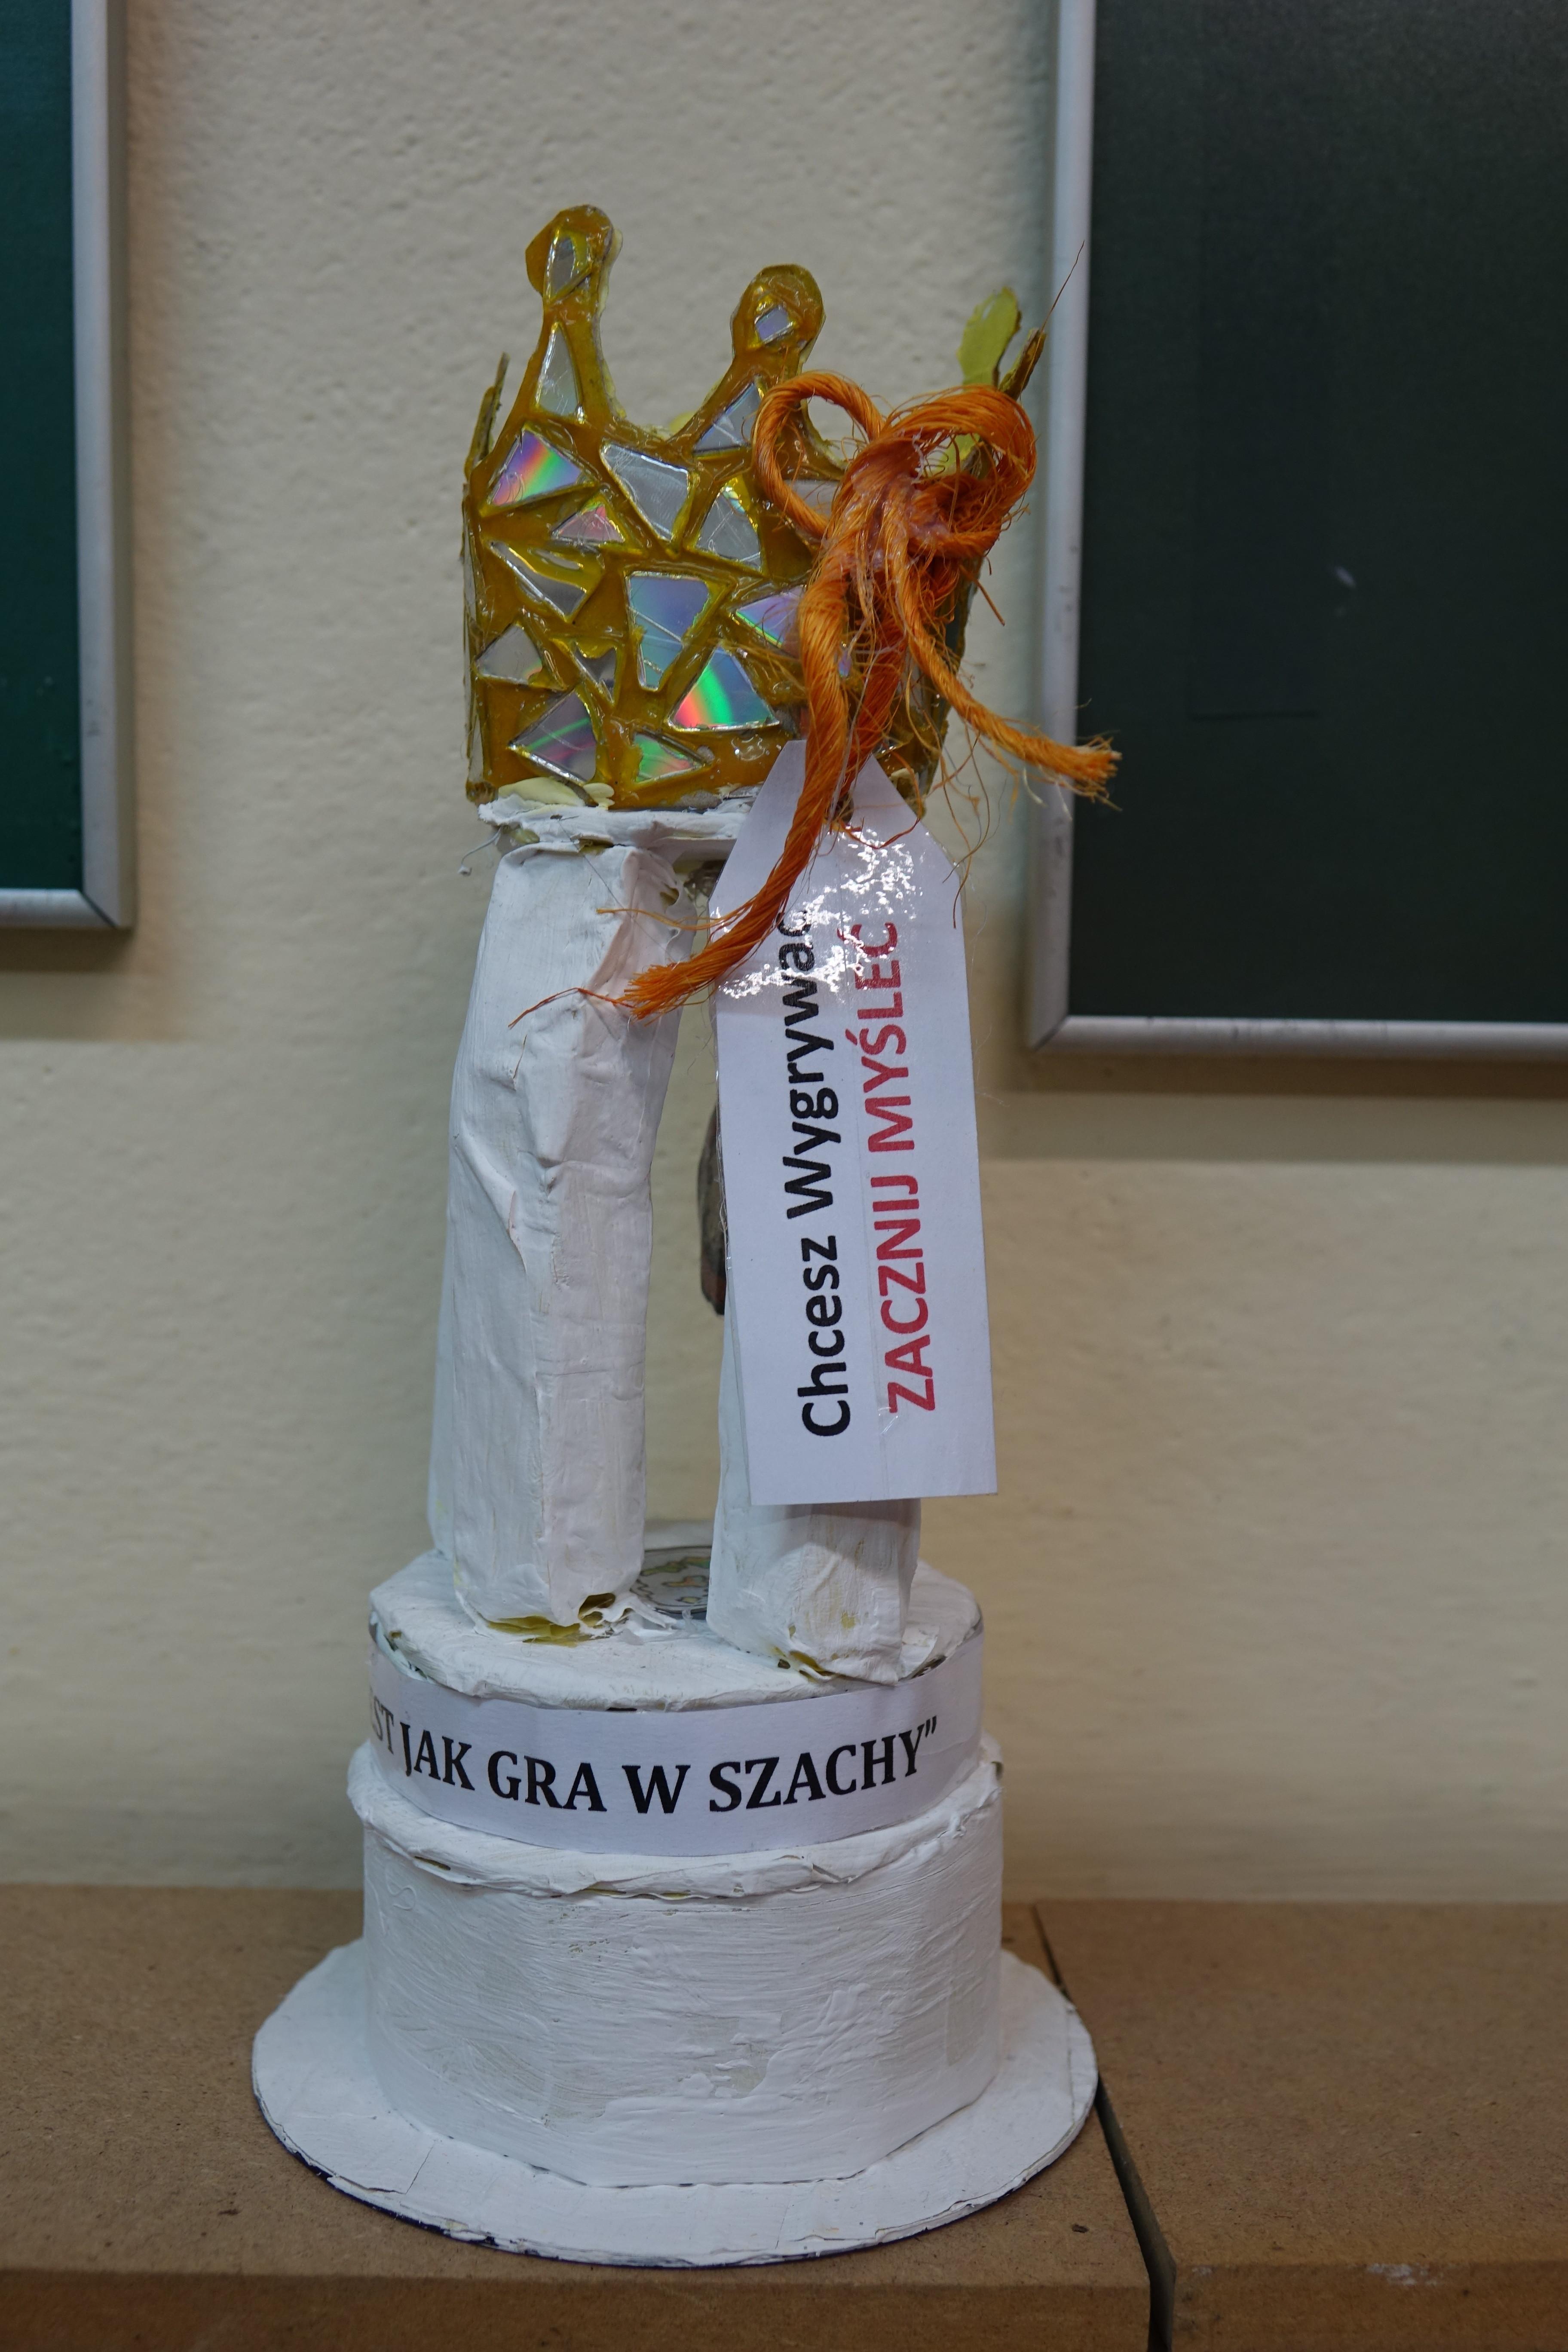 KRÓLEWSKA GRA - SZACHY